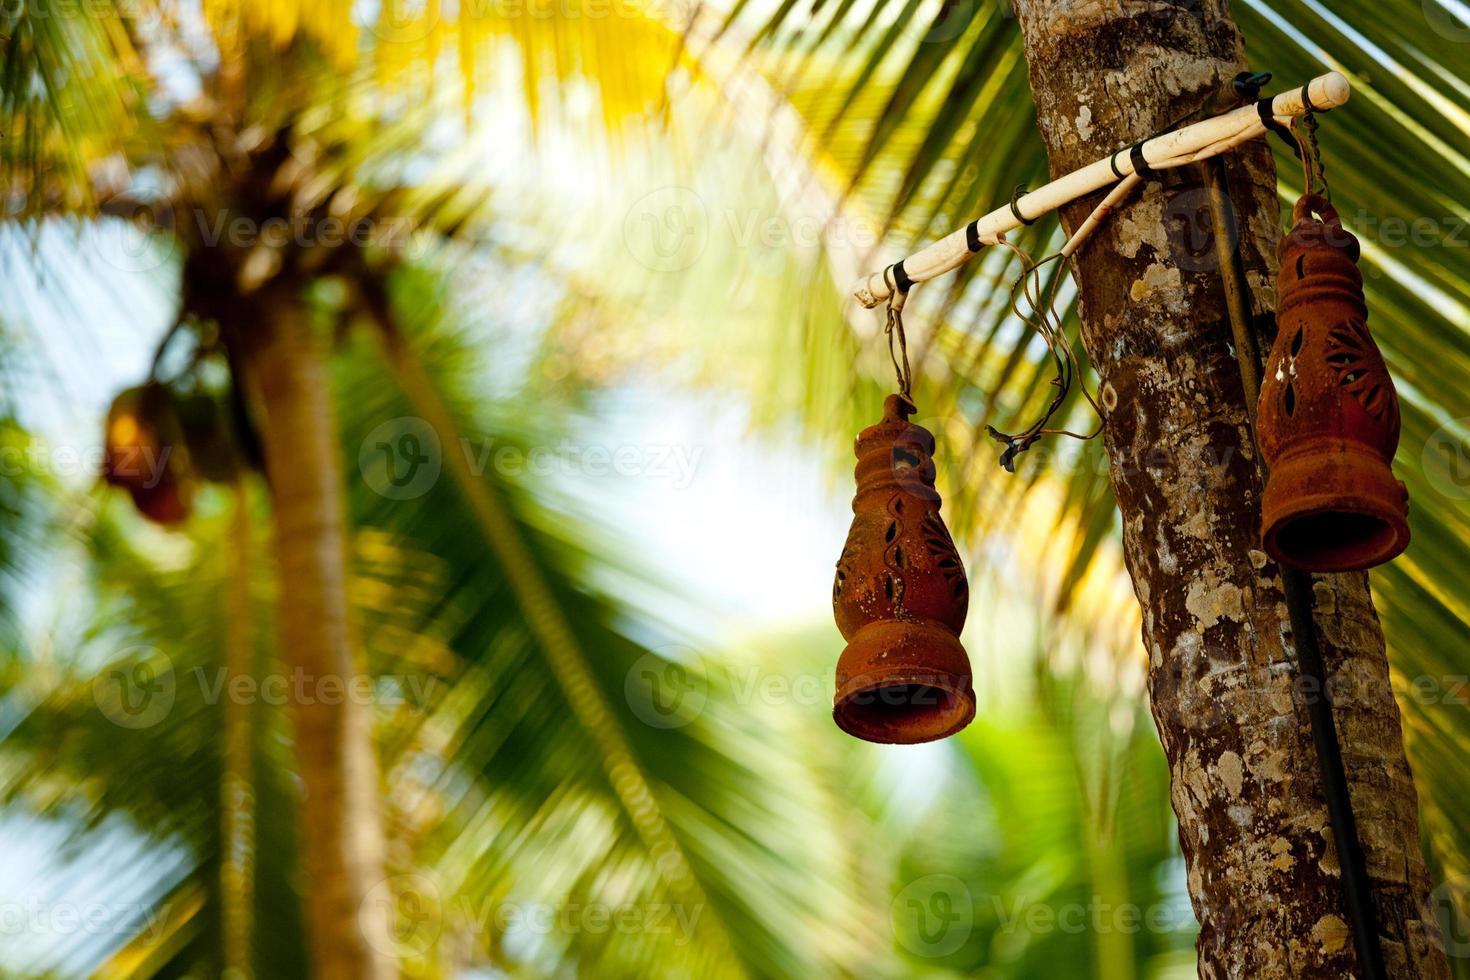 kleilamp en palmboom foto